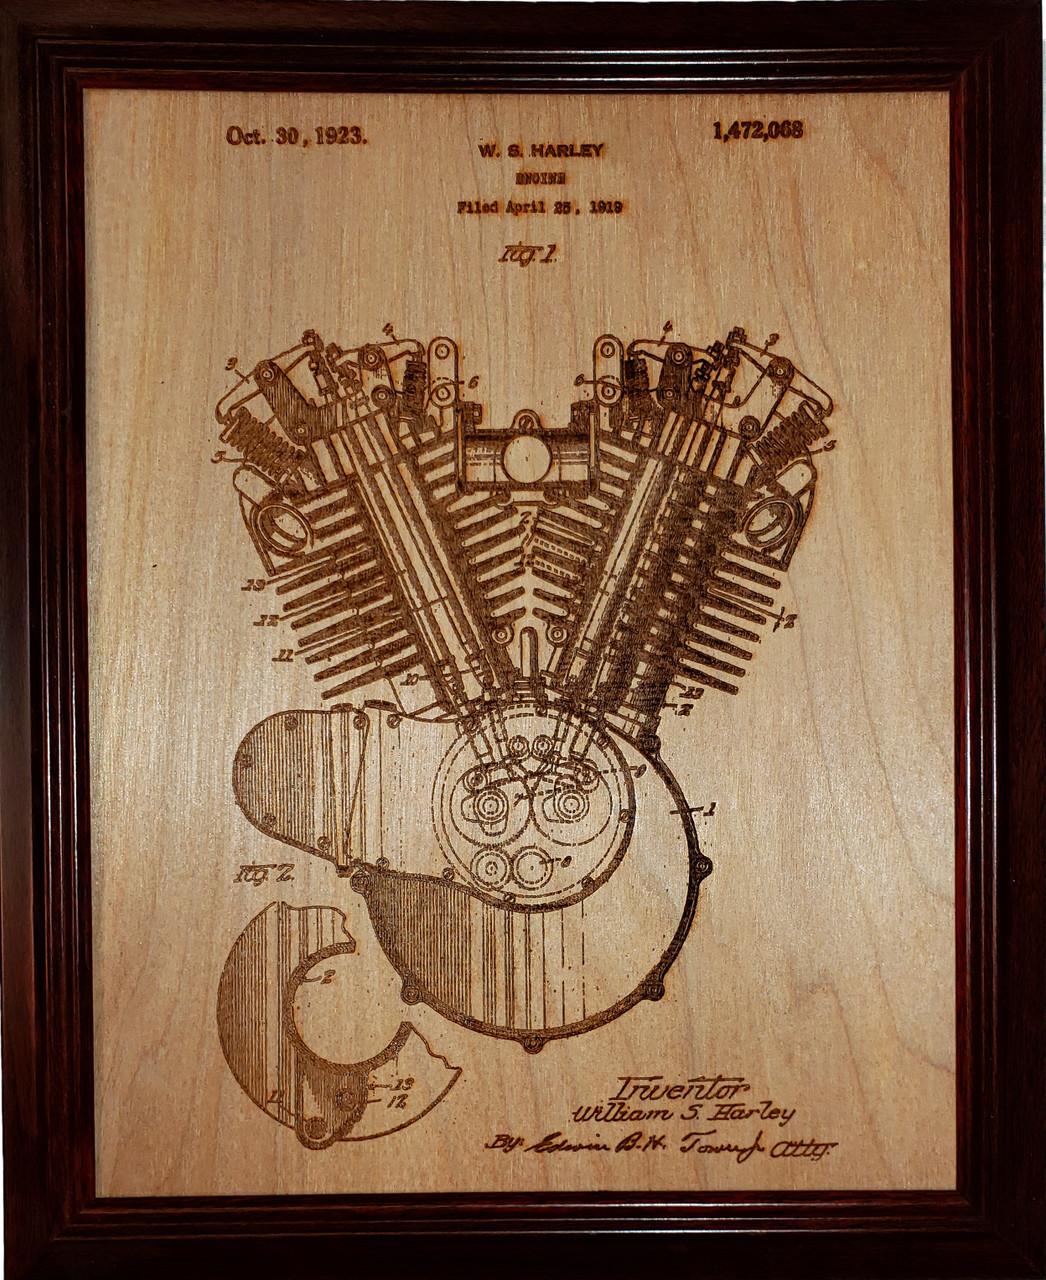 Framed laser art details of the Harley engine patent #1,472,068